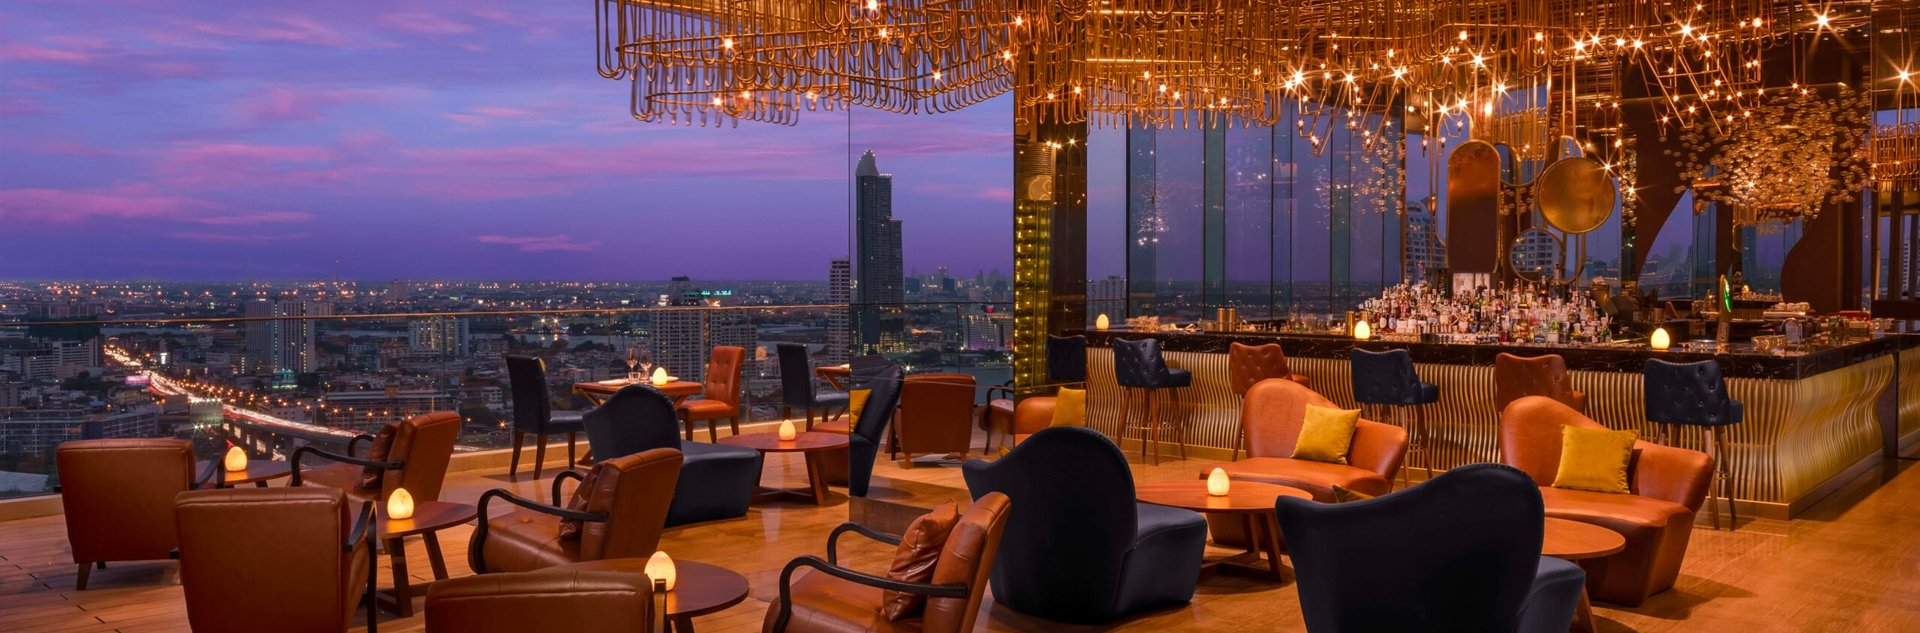 seen restaurant bar bangkok